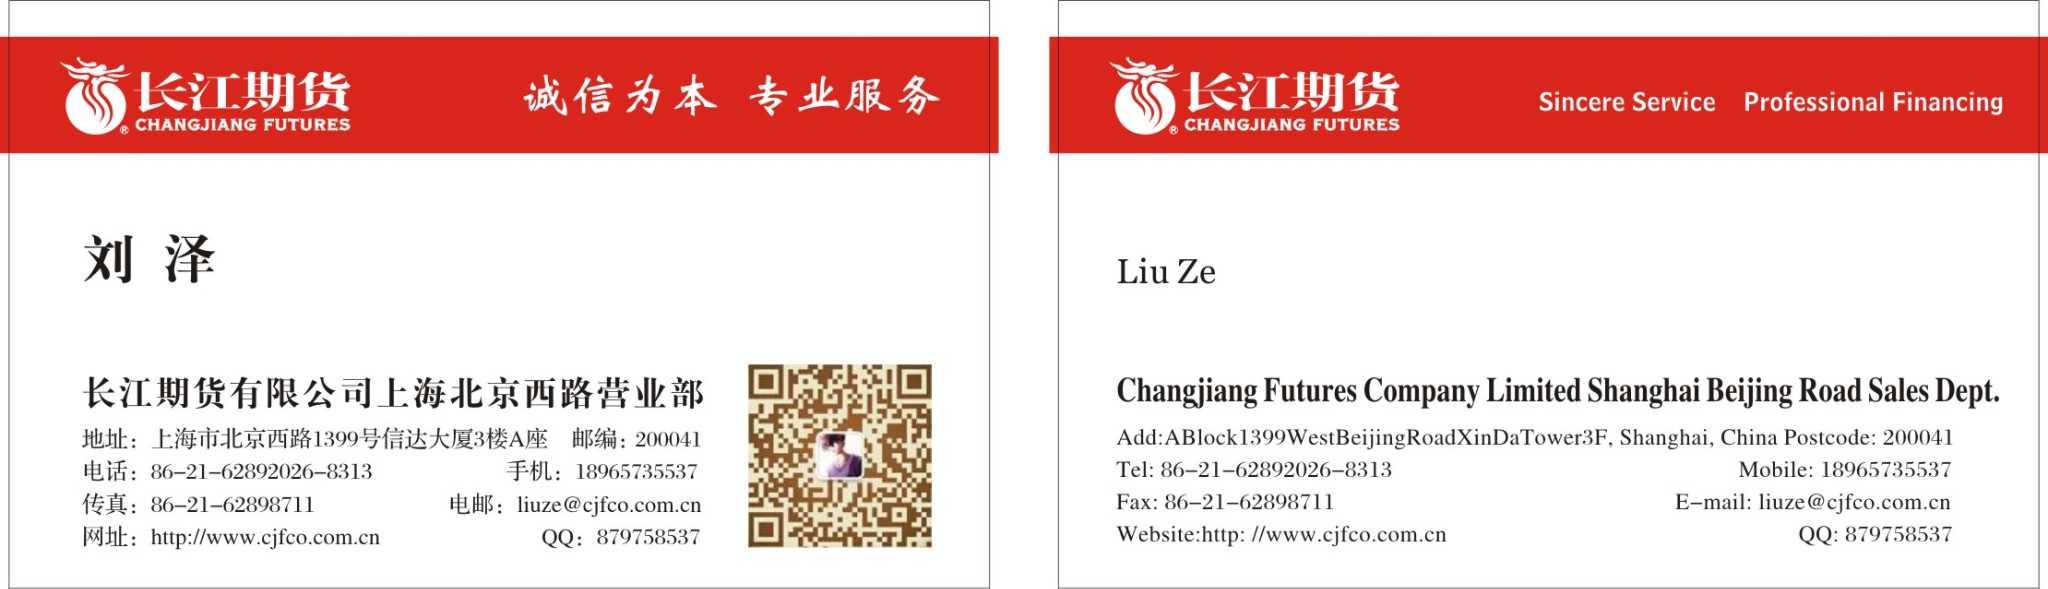 来自刘泽发布的商务合作信息:如果有资金方想找优质投顾,可以联系,以发... - 长江期货有限公司上海北京西路营业部